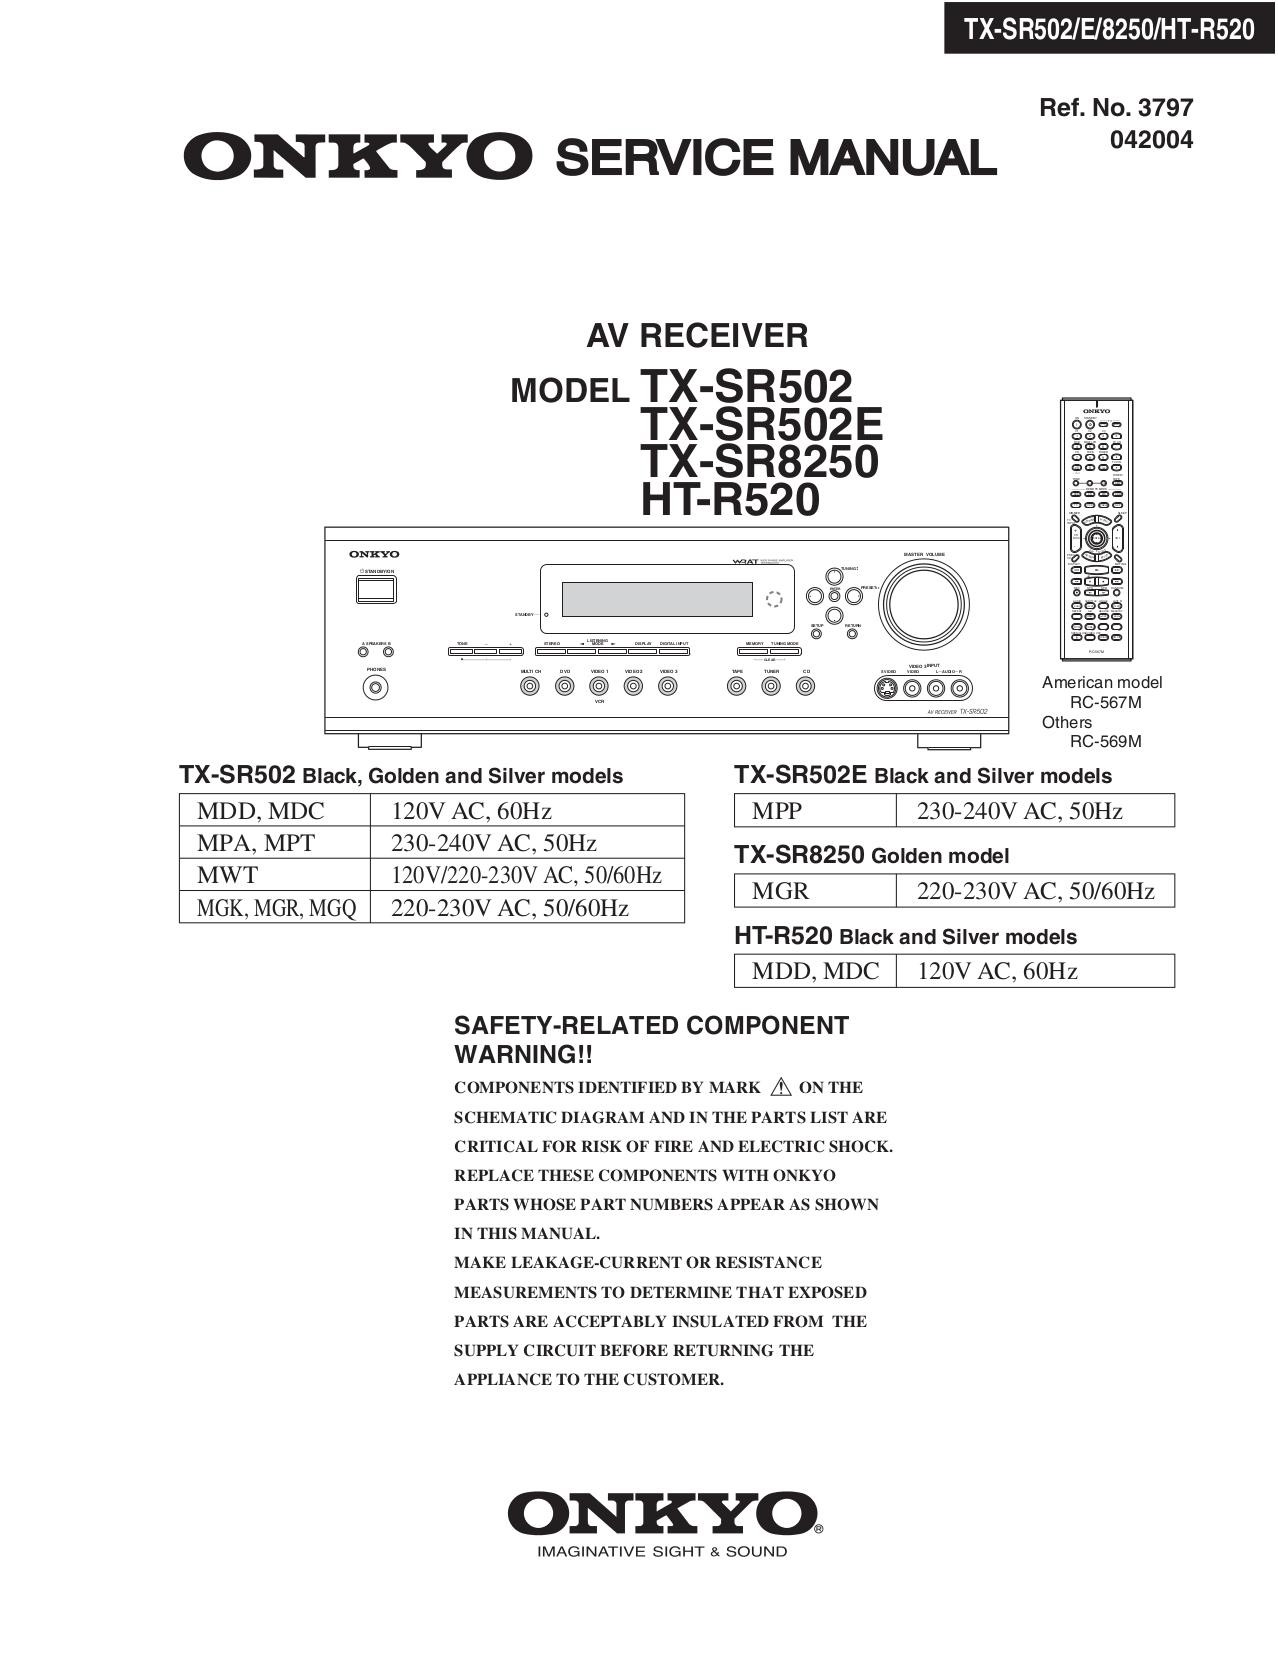 Onkyo TX SR502 SR 8250.pdf 0 download free pdf for onkyo ht r520 receiver manual  at bayanpartner.co